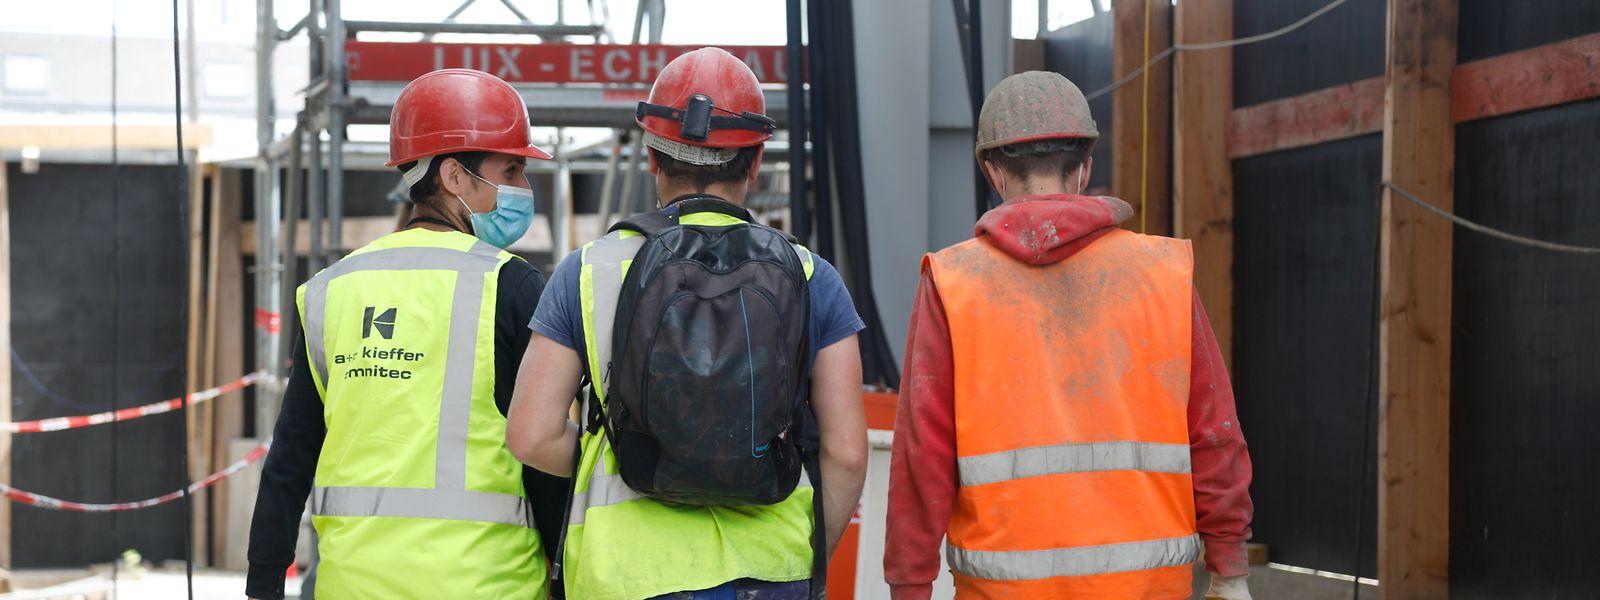 Plus durement touché, le secteur de la construction sera davantage ciblé par les tests dès le retour des ouvriers de leur congé d'été.